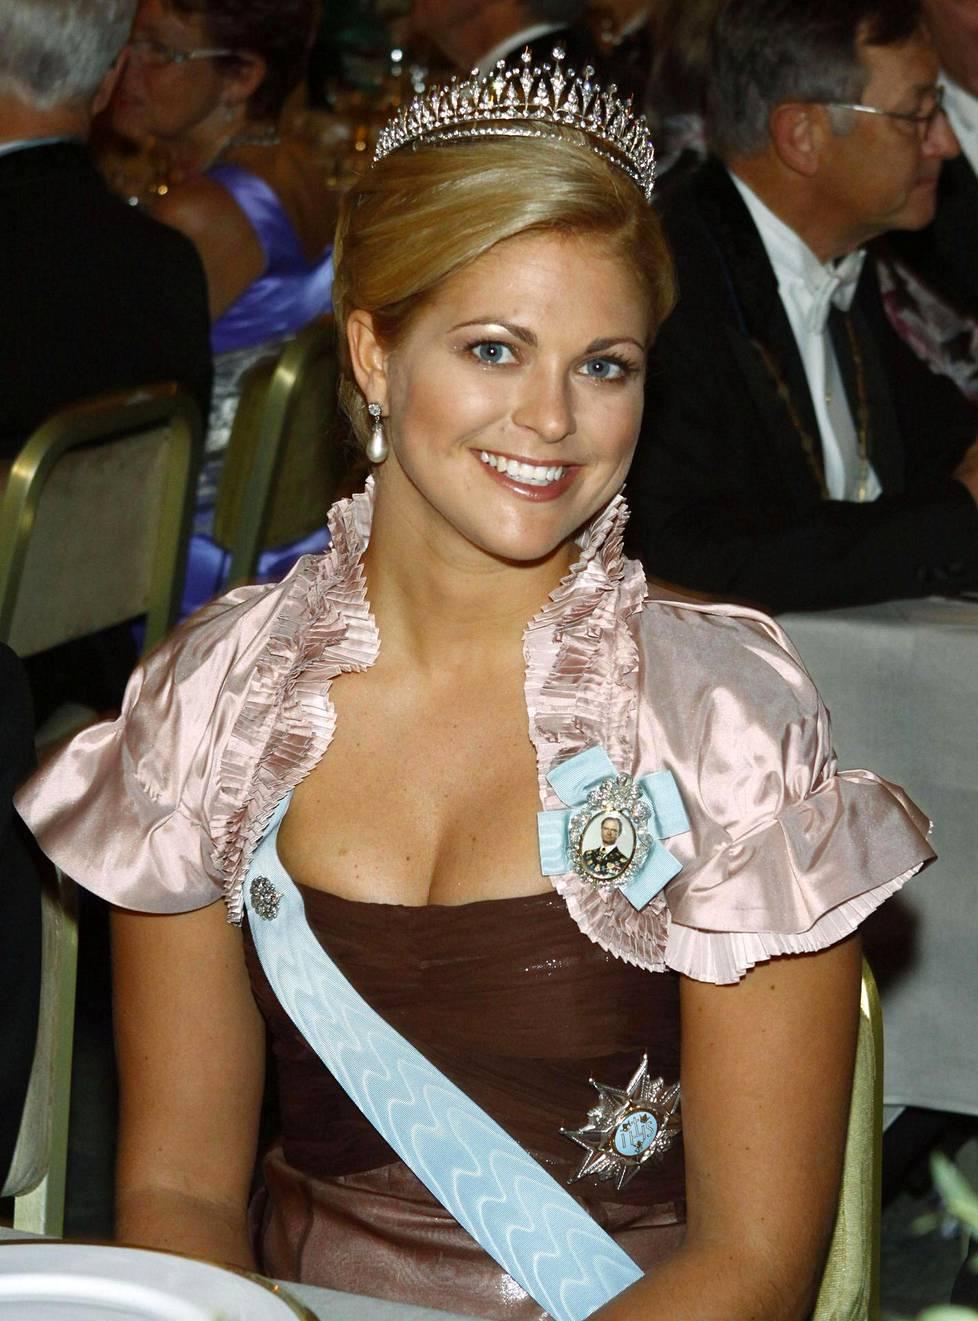 Vuonna 2008 Madeleinen yllä nähtiin iltapuvun lisäksi hartiat peittävä bolero.